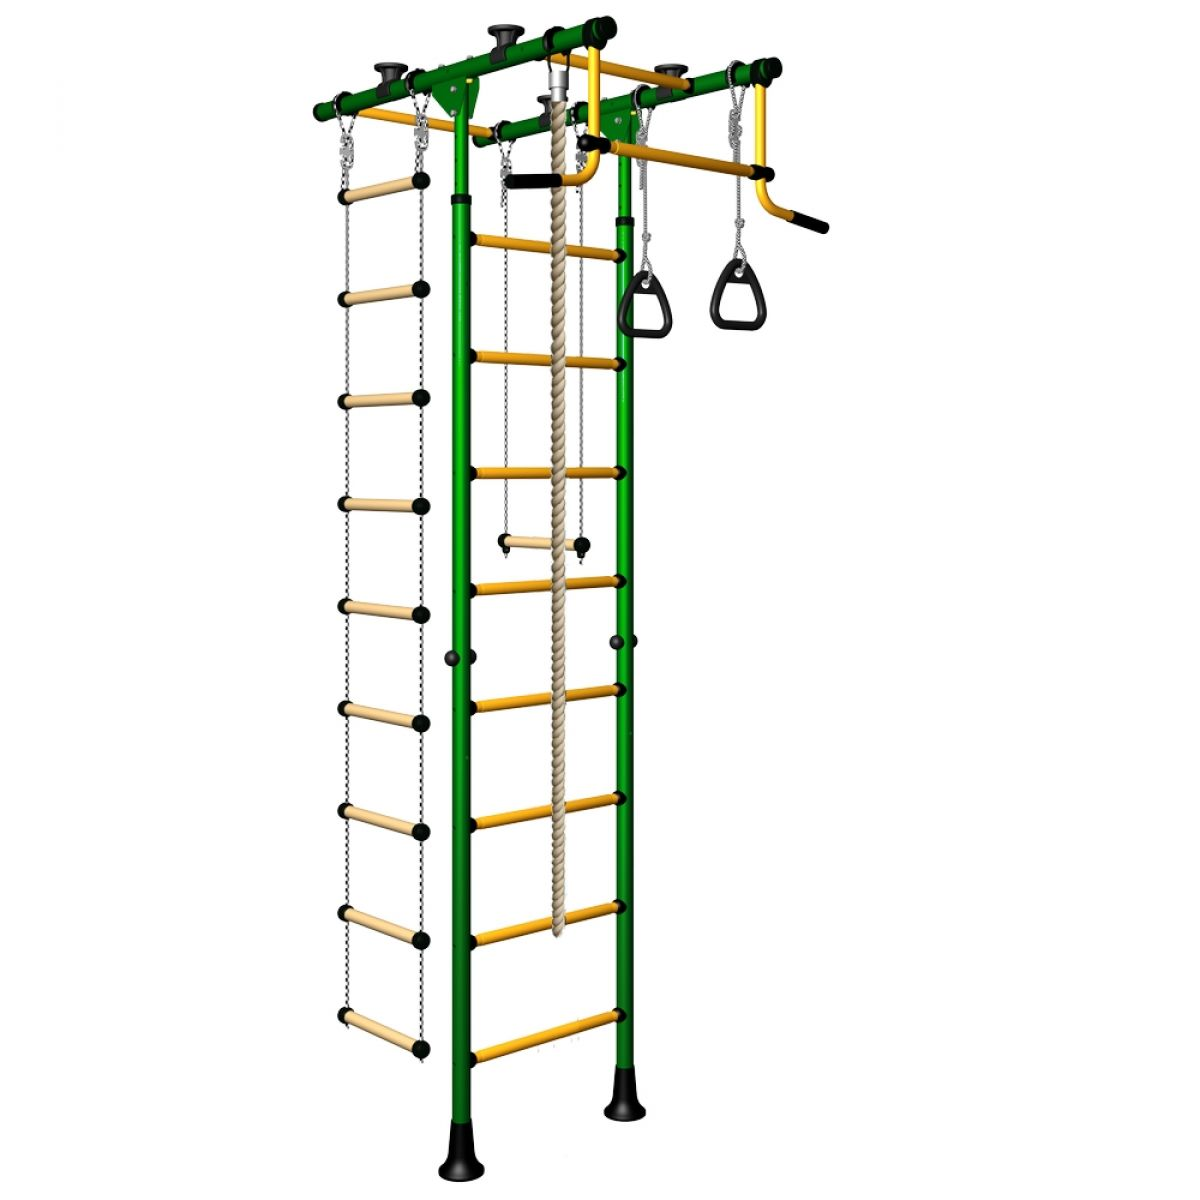 Sestava prolézačka DRAGON rozpěrná - zelená